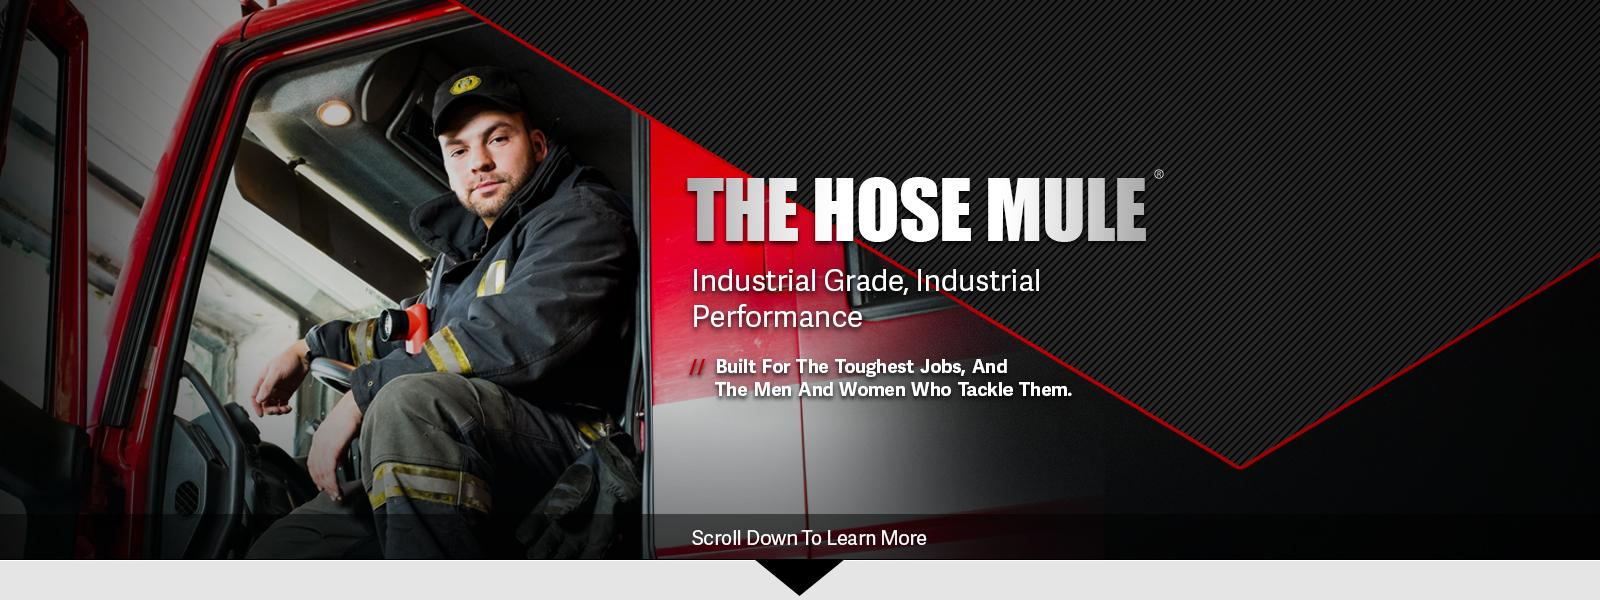 Hose-Mule-Industrial-Grade.jpg